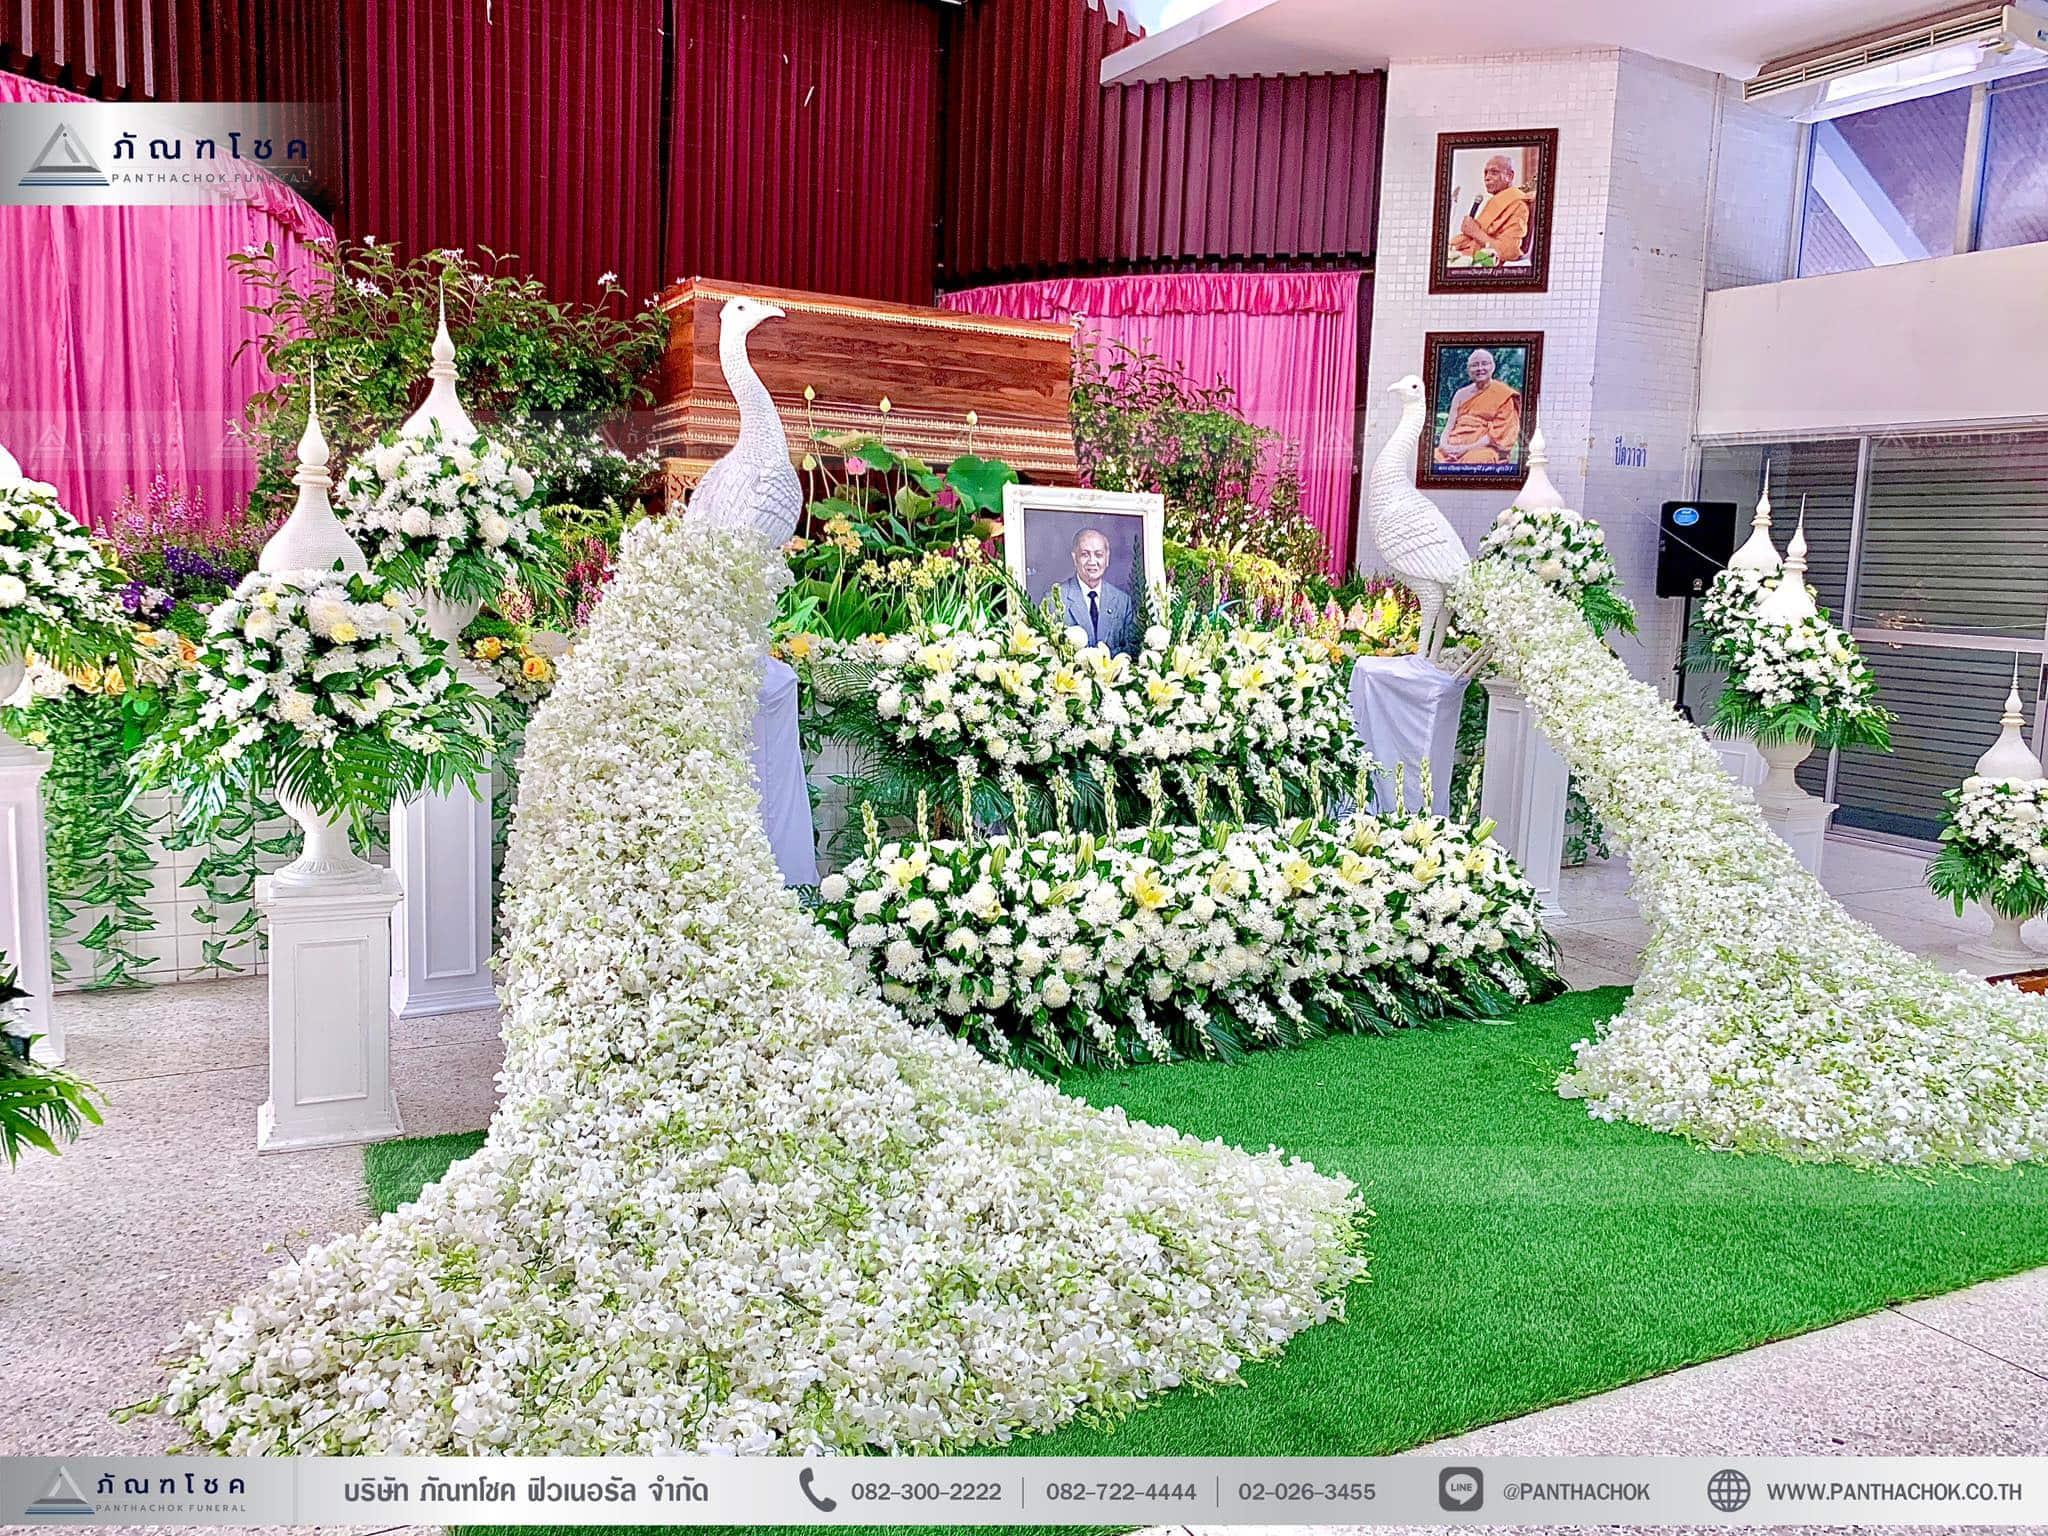 ดอกไม้งานศพ ดอกไม้หน้าศพ ดอกไม้หน้าหีบศพ ชุดนกยูง